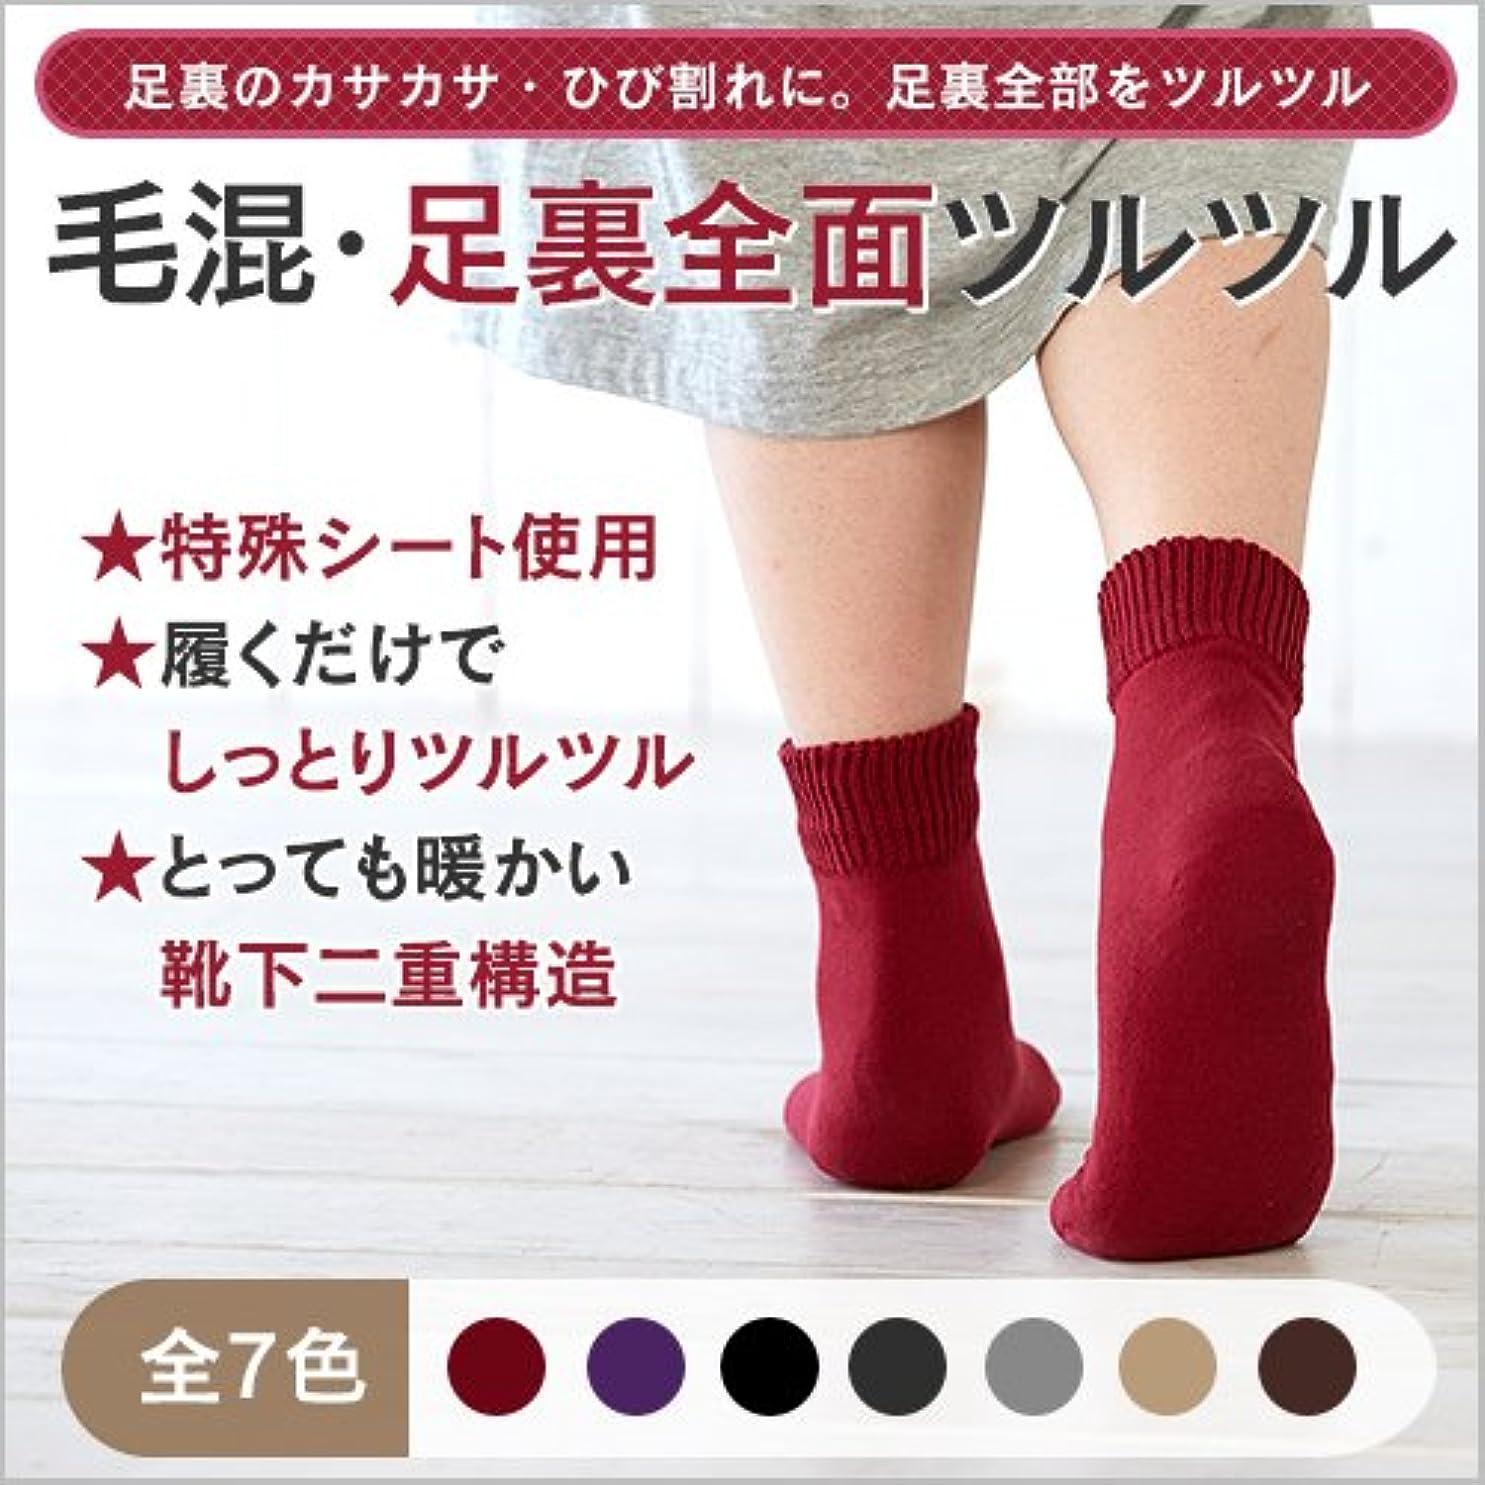 ハング特権的踊り子足裏 全面 ツルツル 保湿 靴下 角質ケア ひび割れ 対策 ブラック 23-25cm 太陽ニット 720